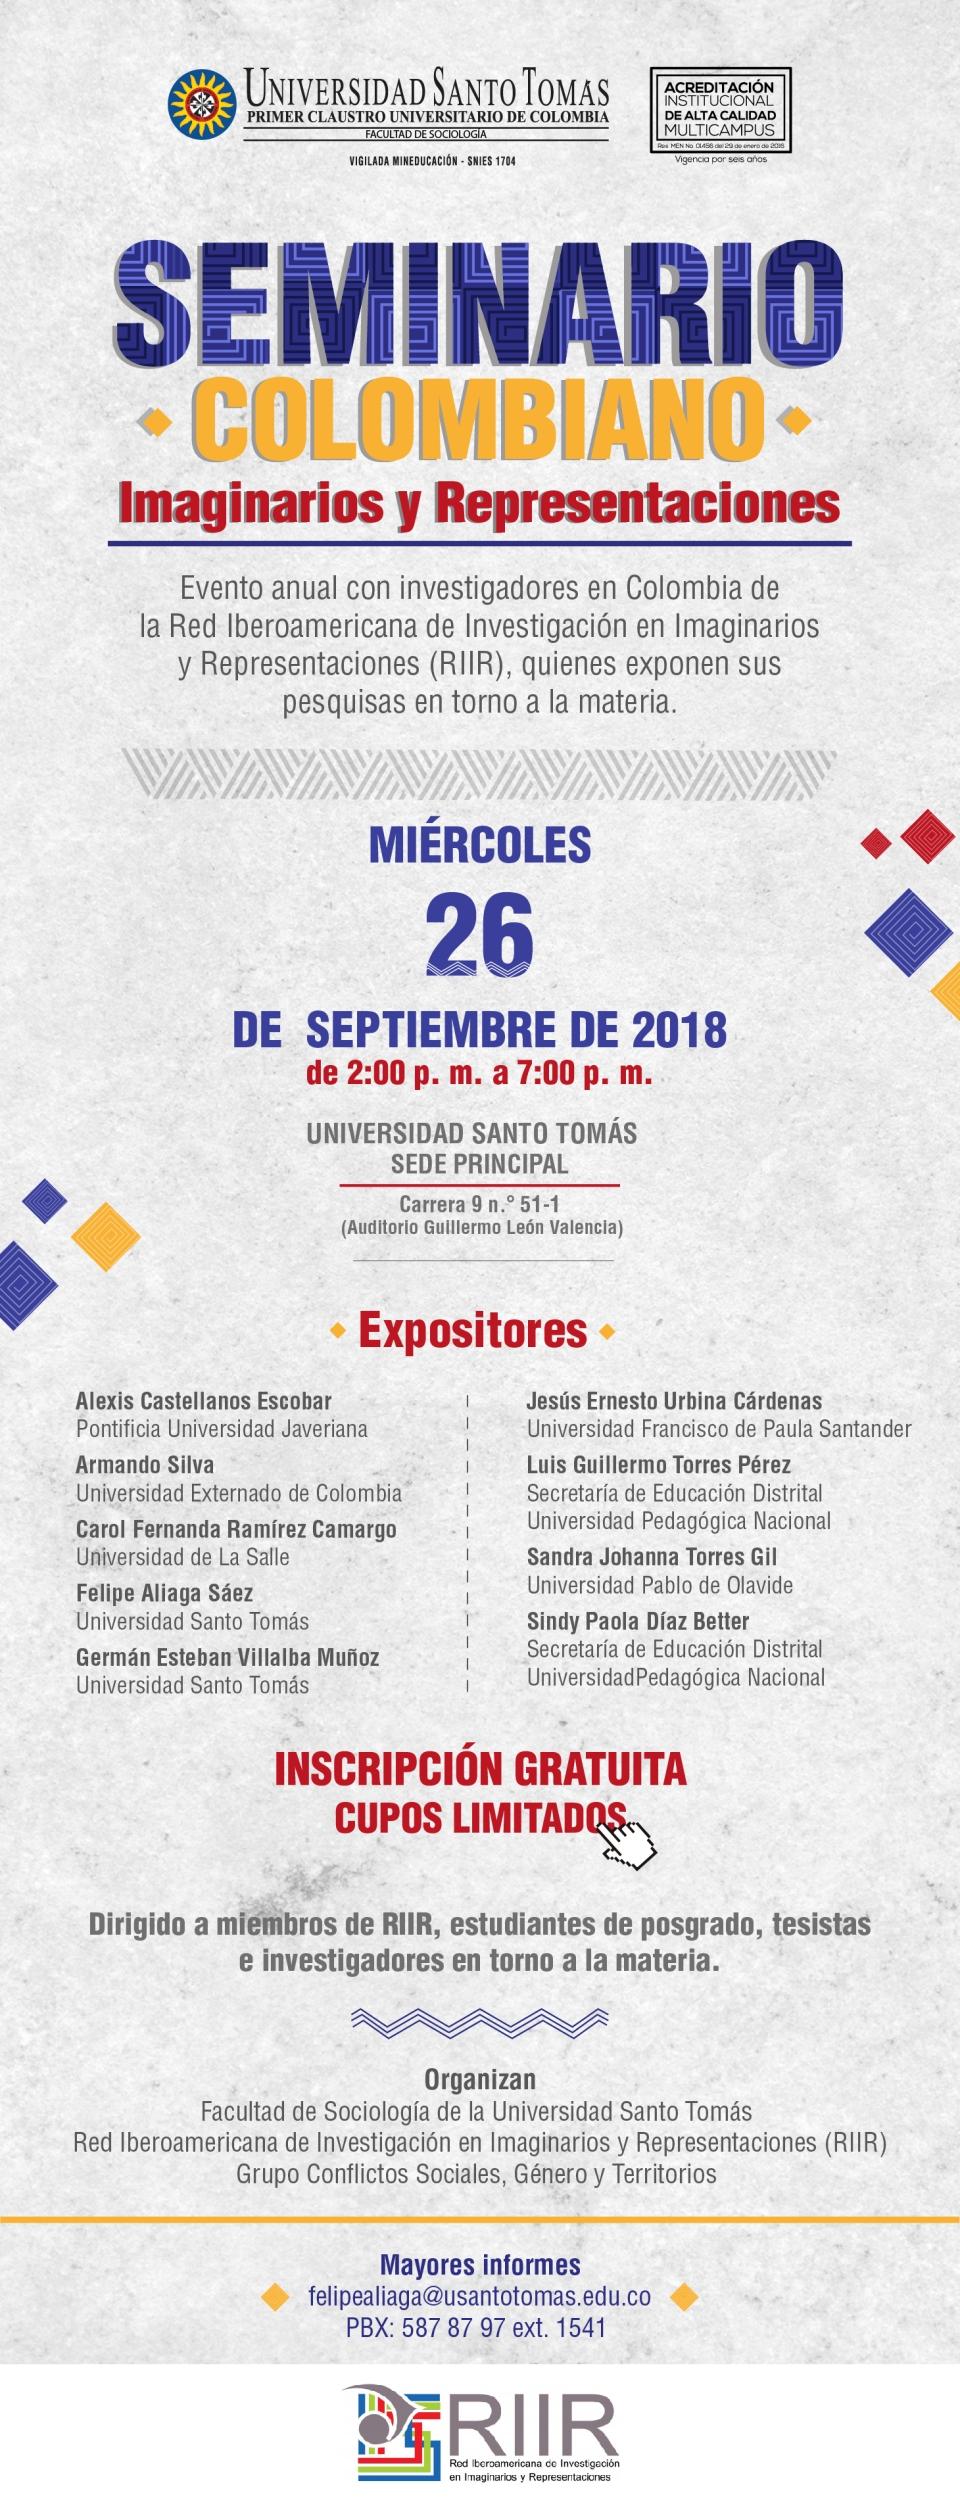 ST 452 Seminario Colombiano Imaginarios y Representaciones Mailling_Mesa de trabajo 1 copia